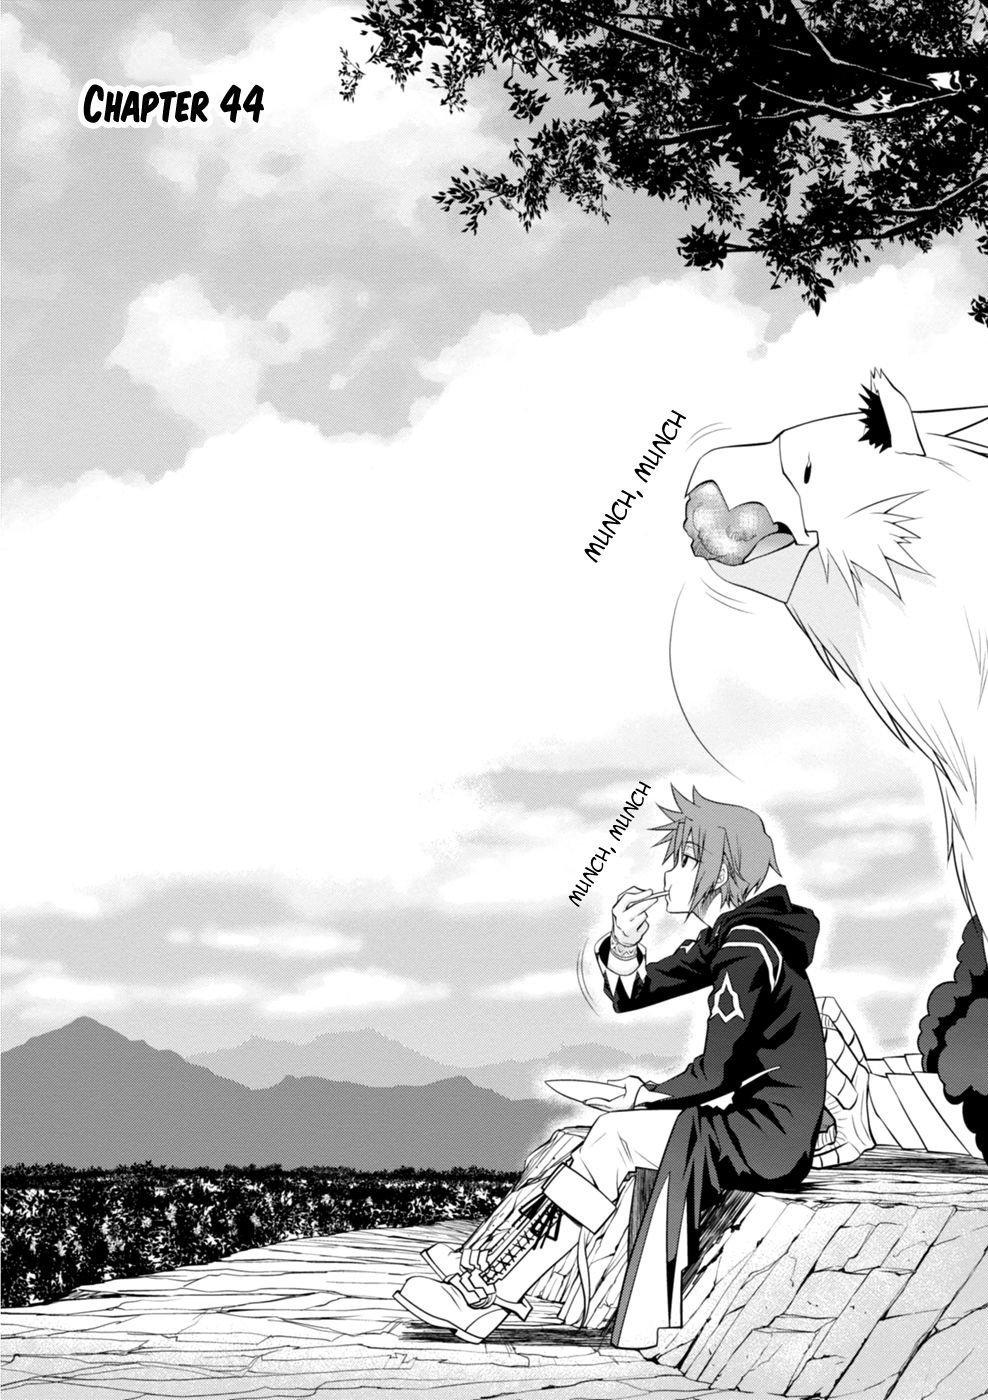 Manga Legend (Masaharu Takano) - Chapter 44 Page 1